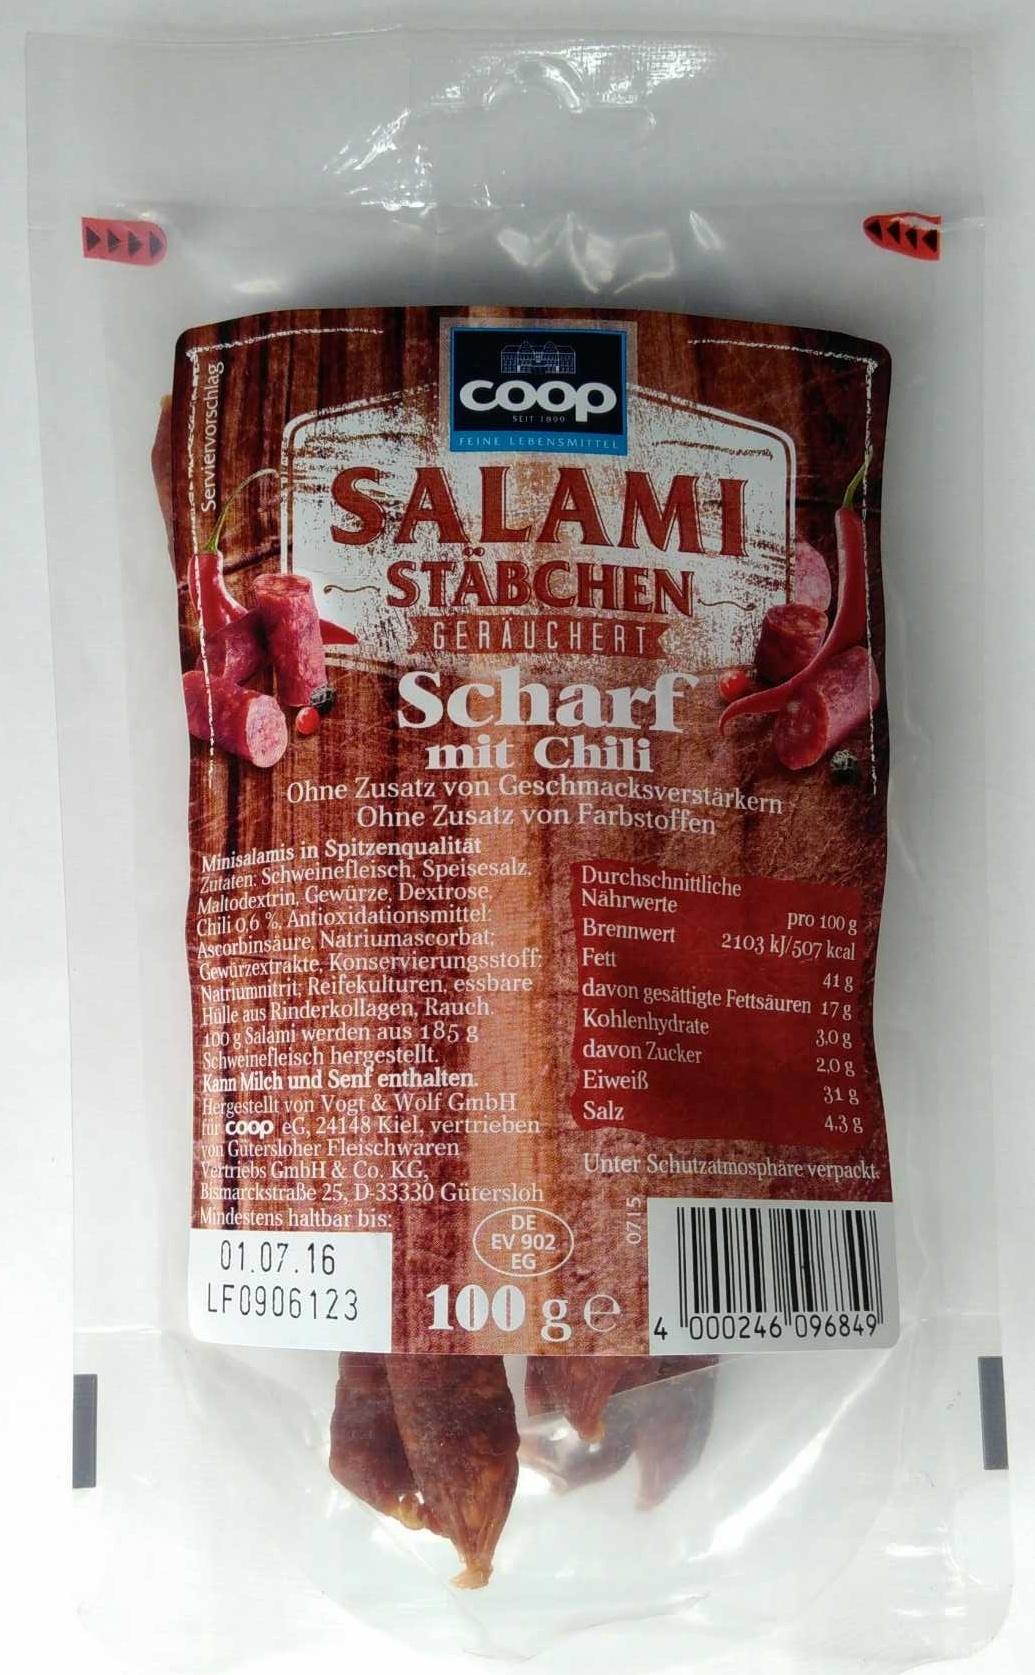 Salamistäbchen scharf mit Chili - Produit - de